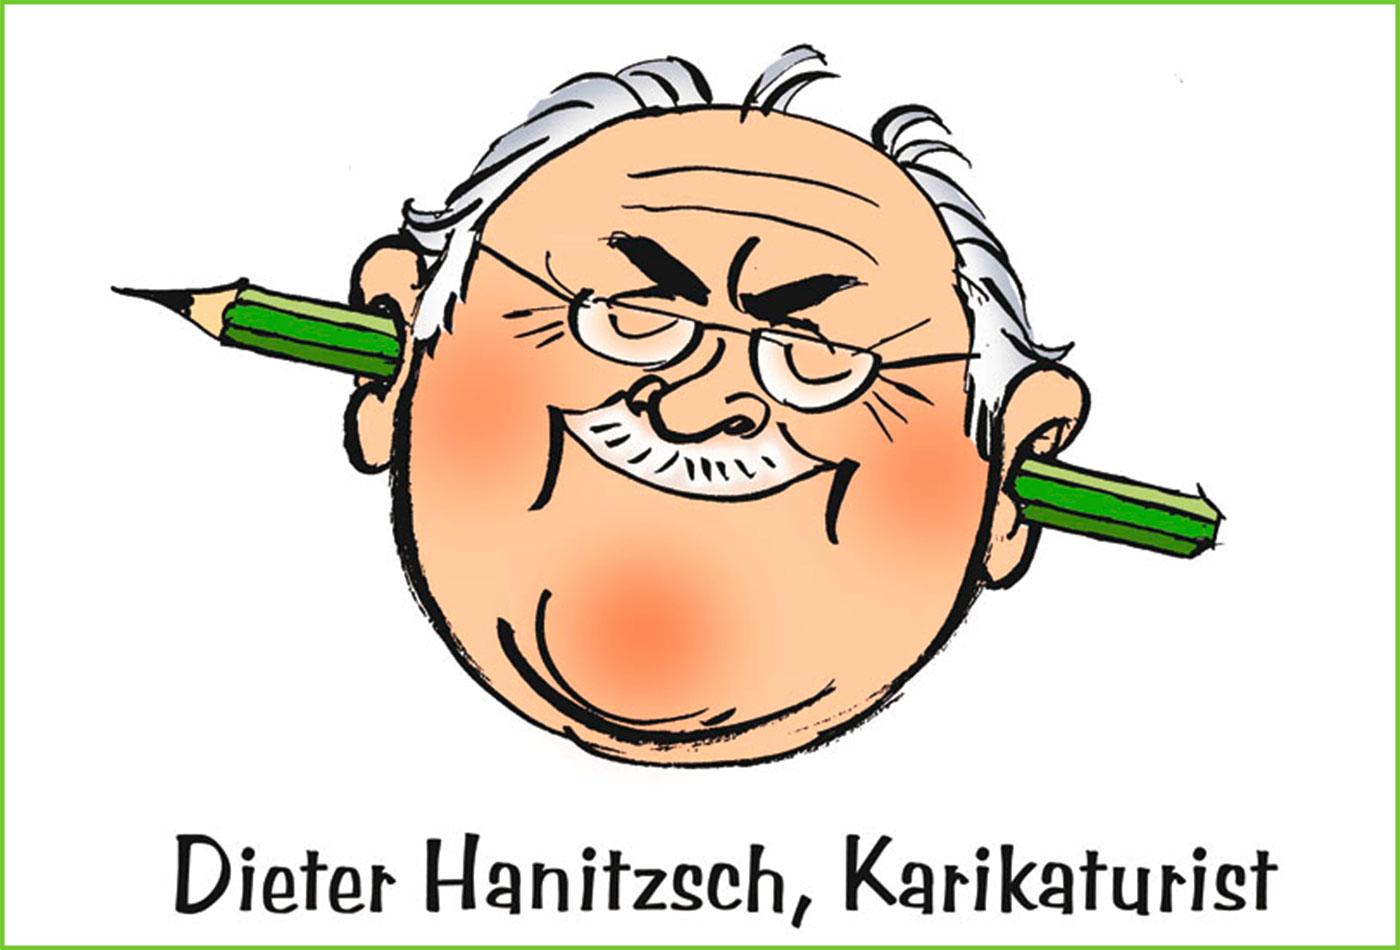 Dieter Hanitzsch